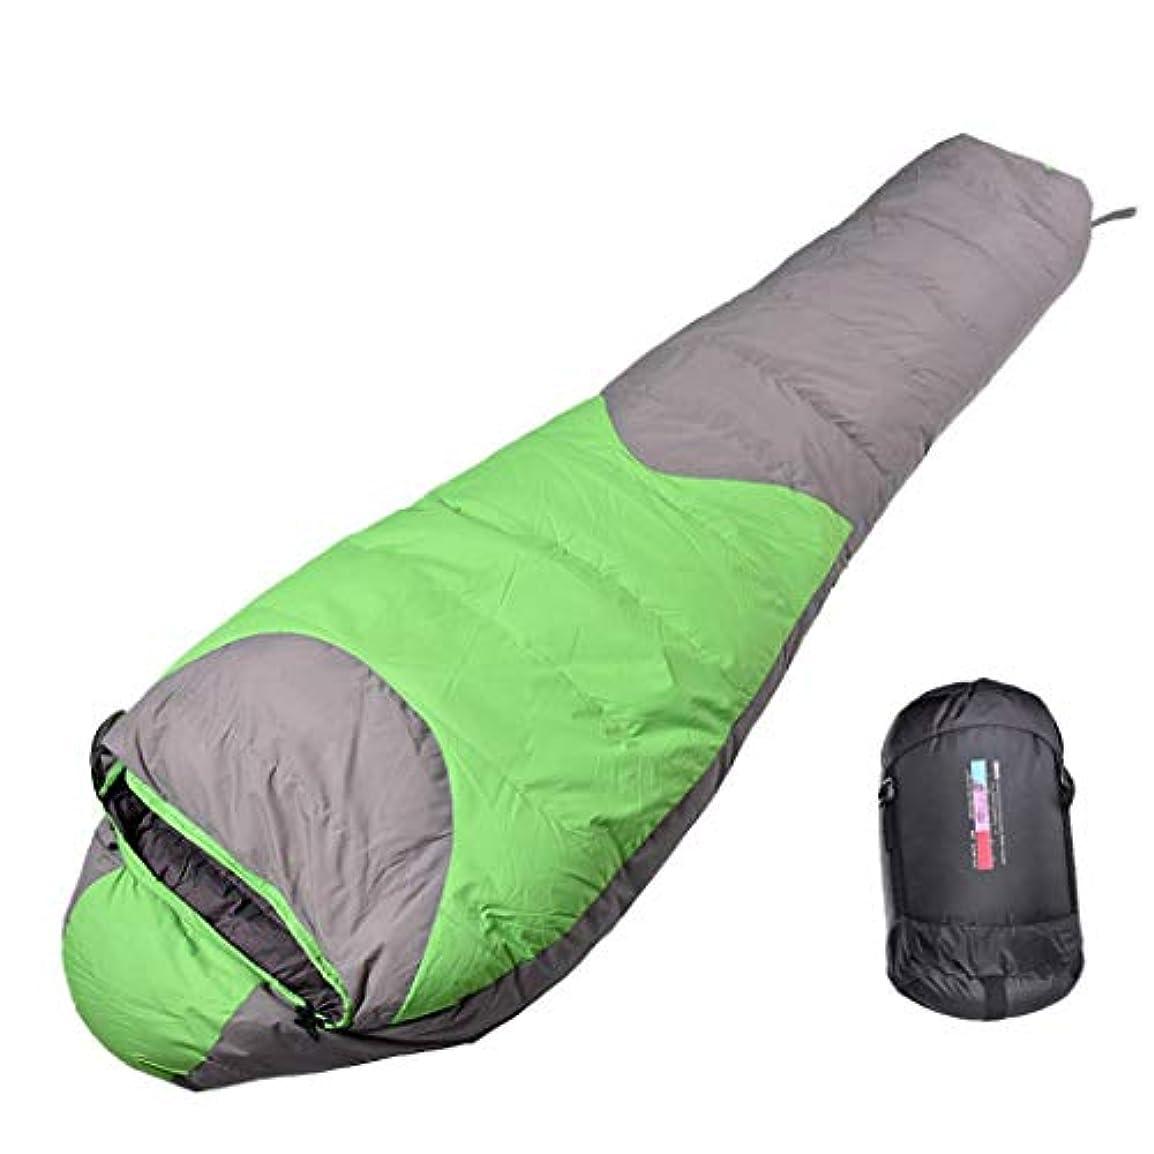 時計最もフェロー諸島LEAFIS Mummy 寝袋 軽量 コンパクト ダウン寝袋 防水 バックパック アウトドア キャンプ ハイキング 旅行